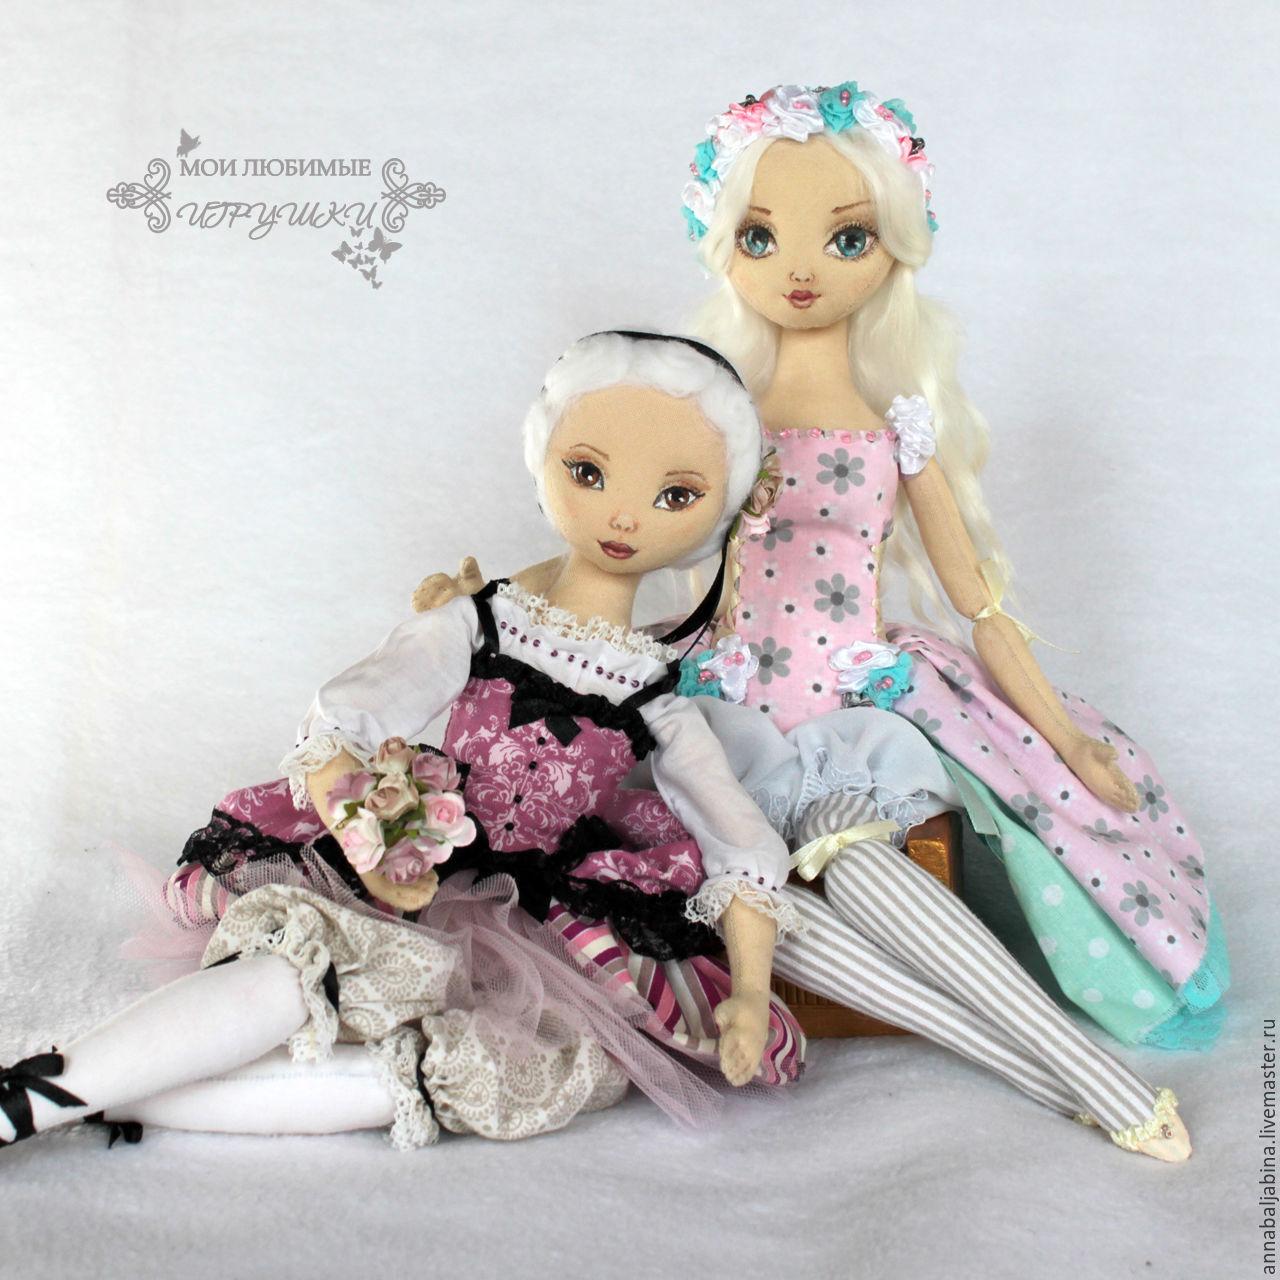 Кукла варежка